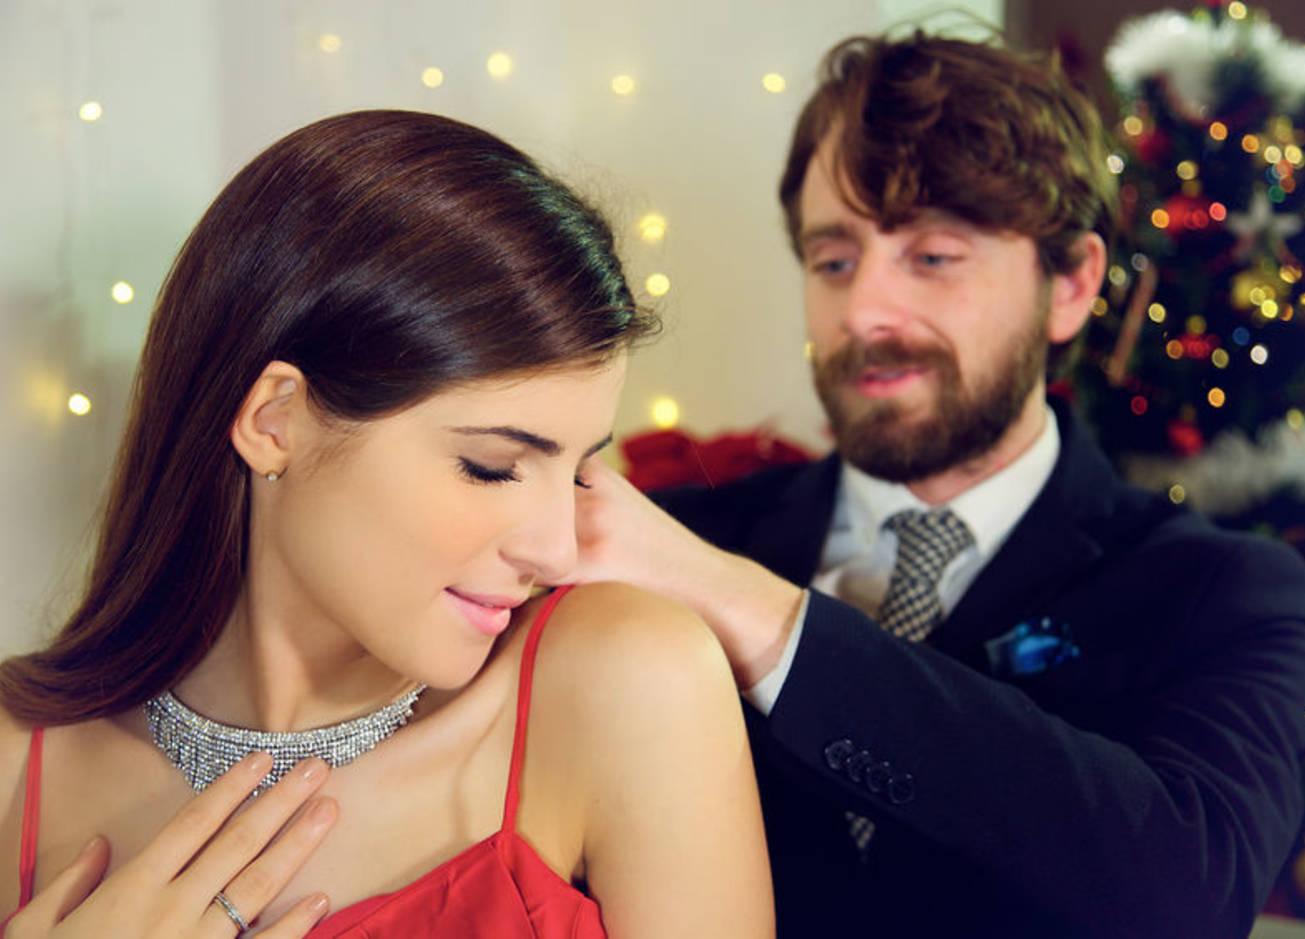 6 ювелирных трендов, которые помогут выбрать подарок для девушки